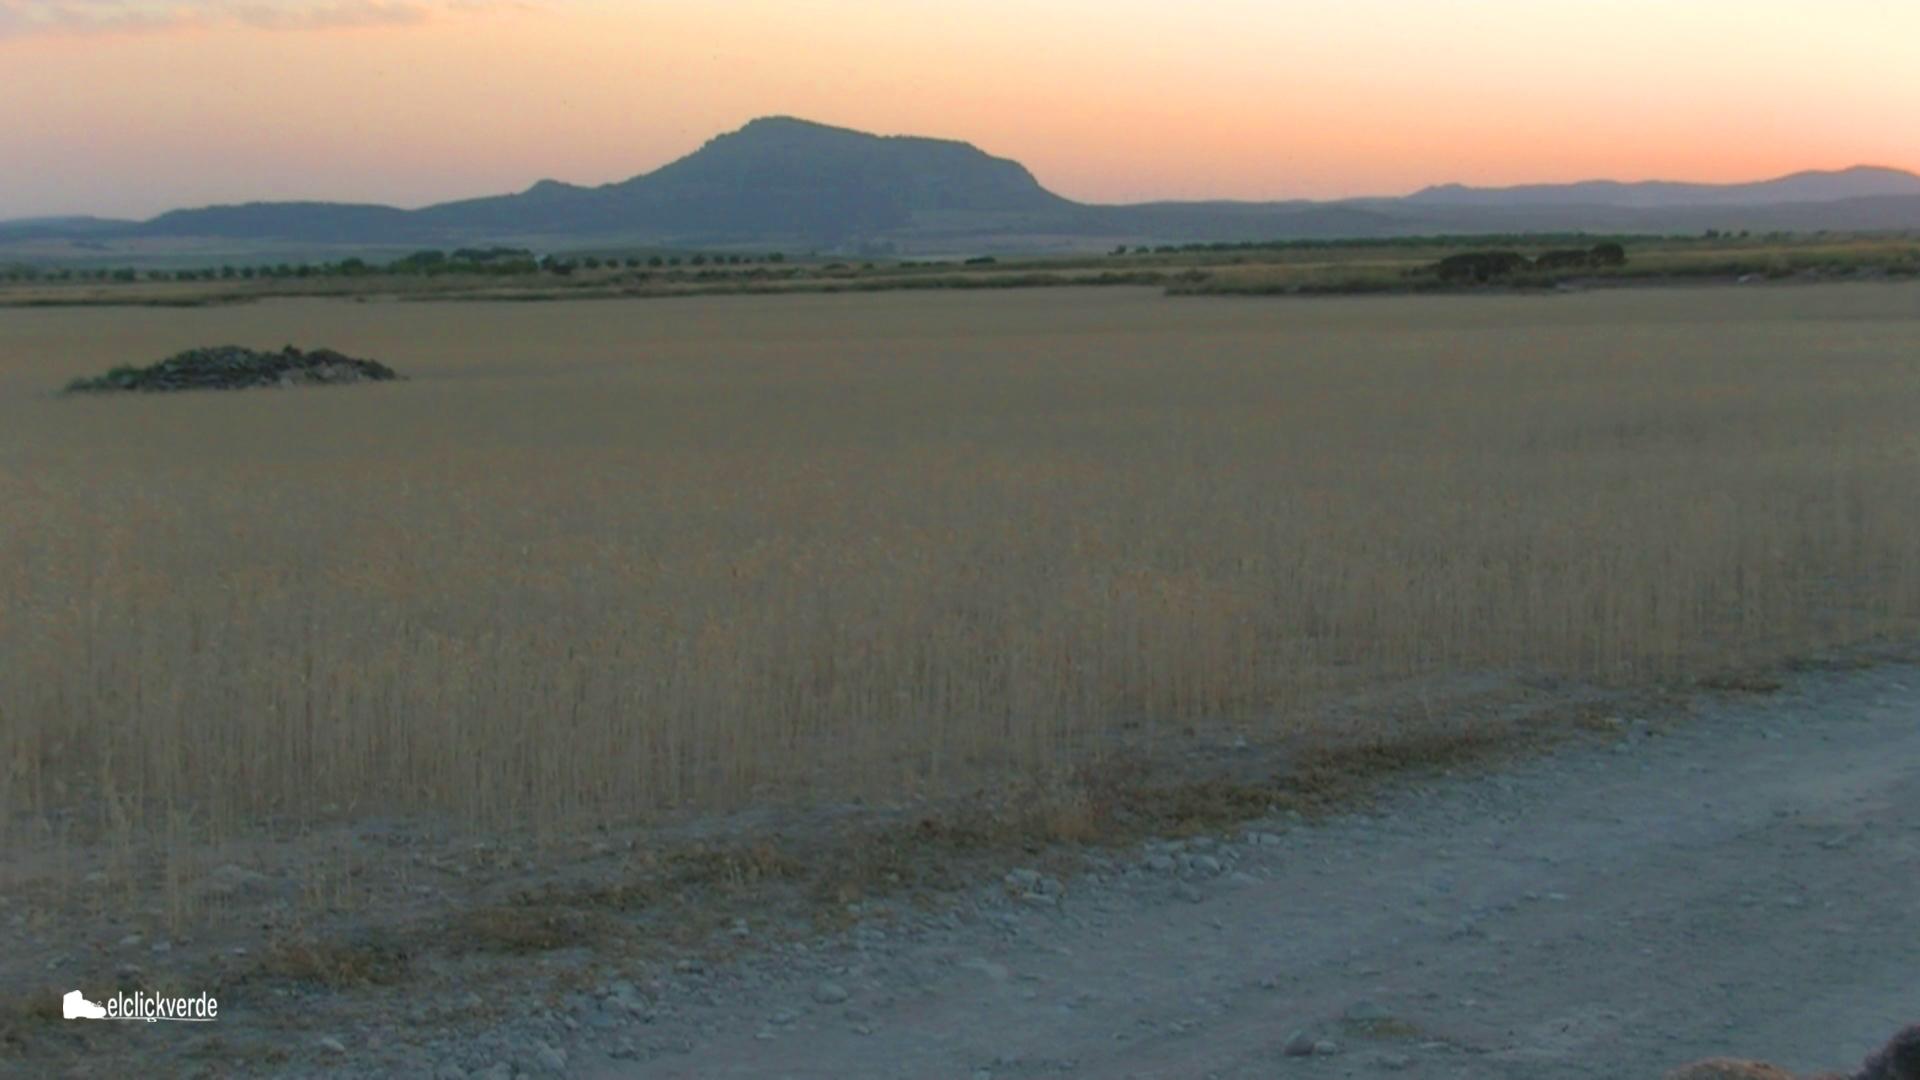 Vista del mítico monte Arabí, al atardecer